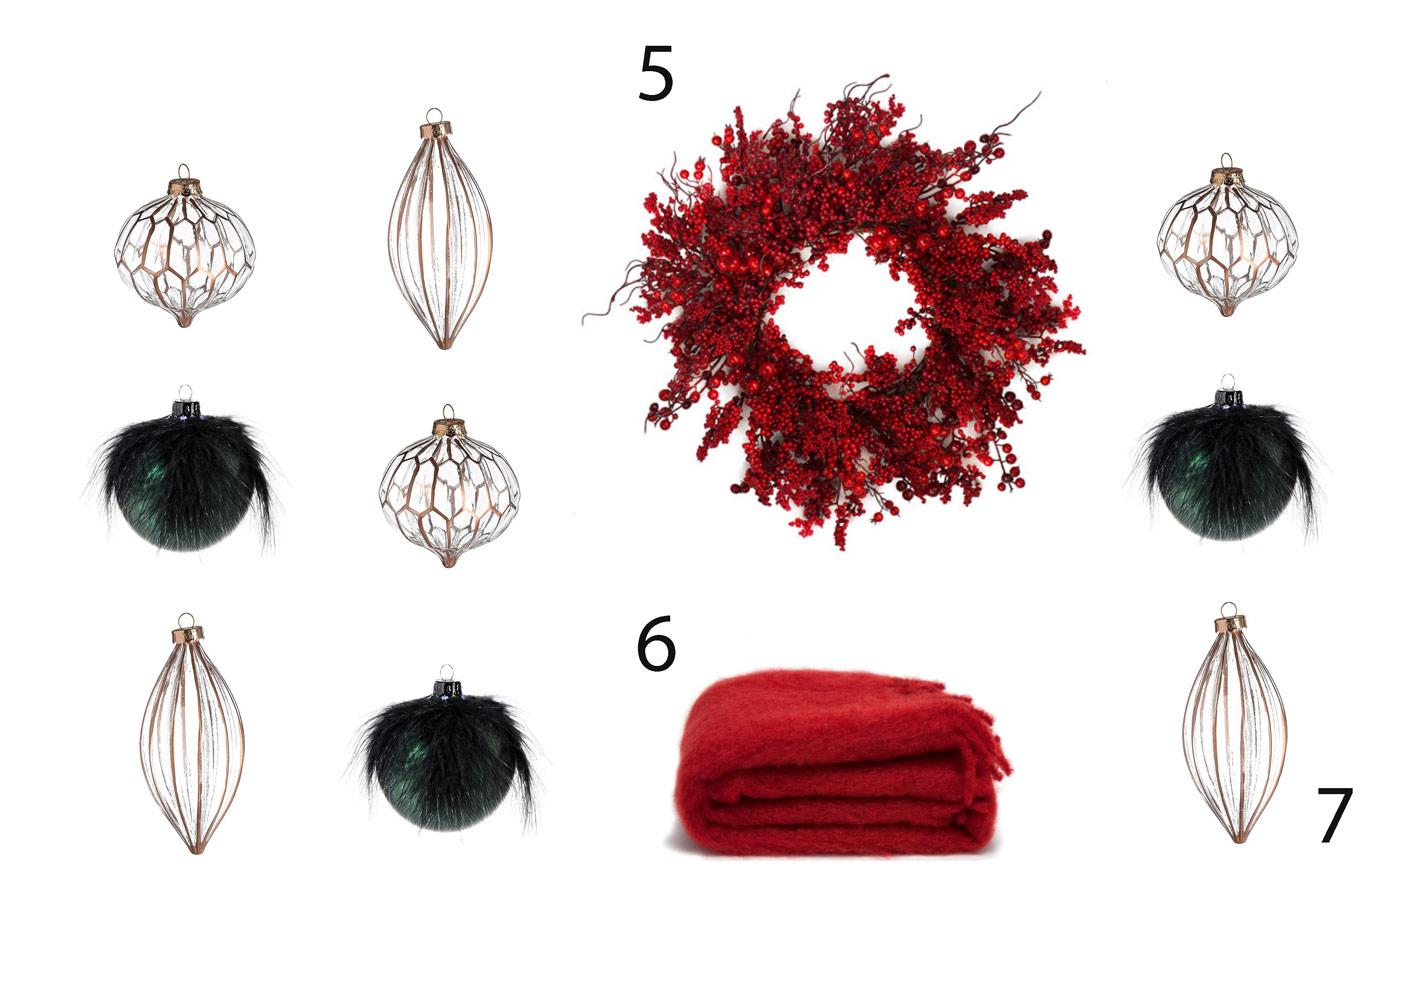 tischdekoration-zu-weihnachten-3